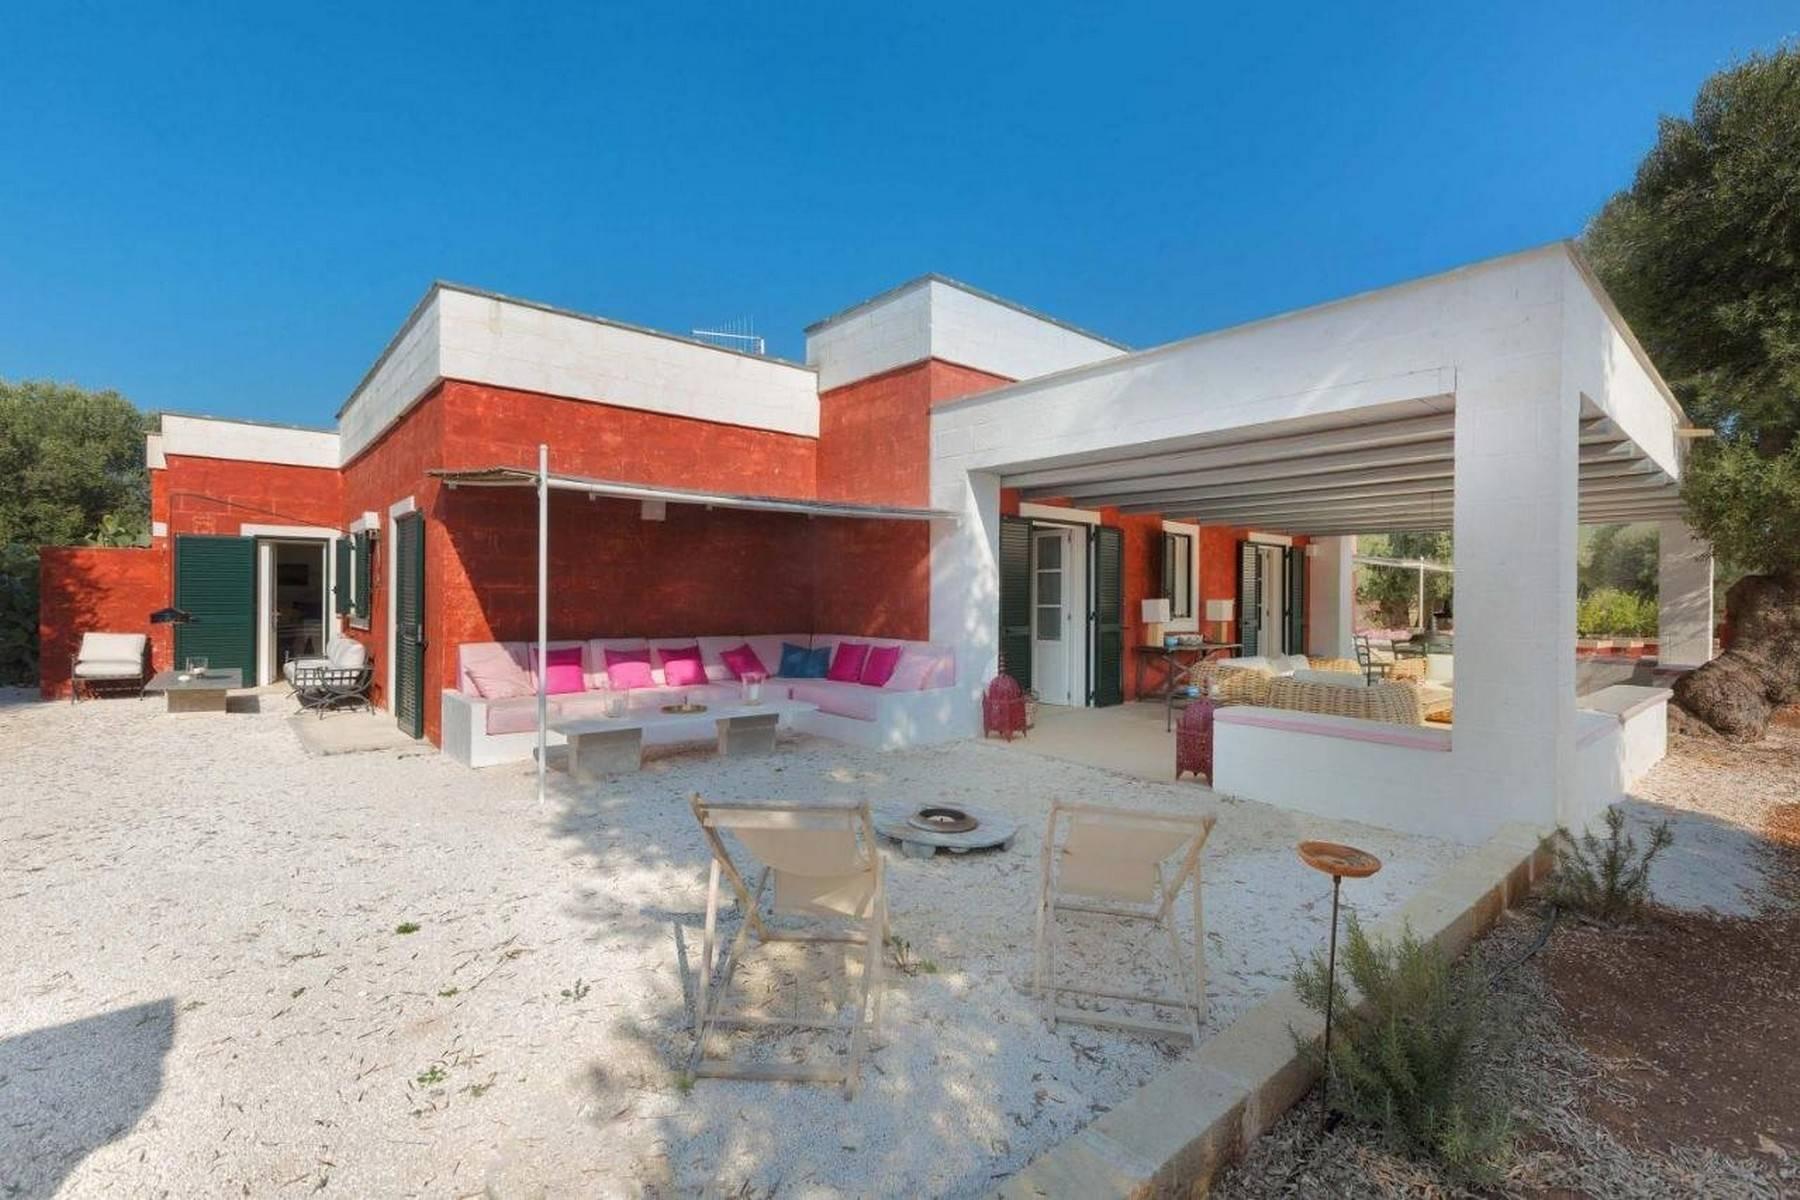 Villa in Vendita a Ostuni: 5 locali, 167 mq - Foto 2